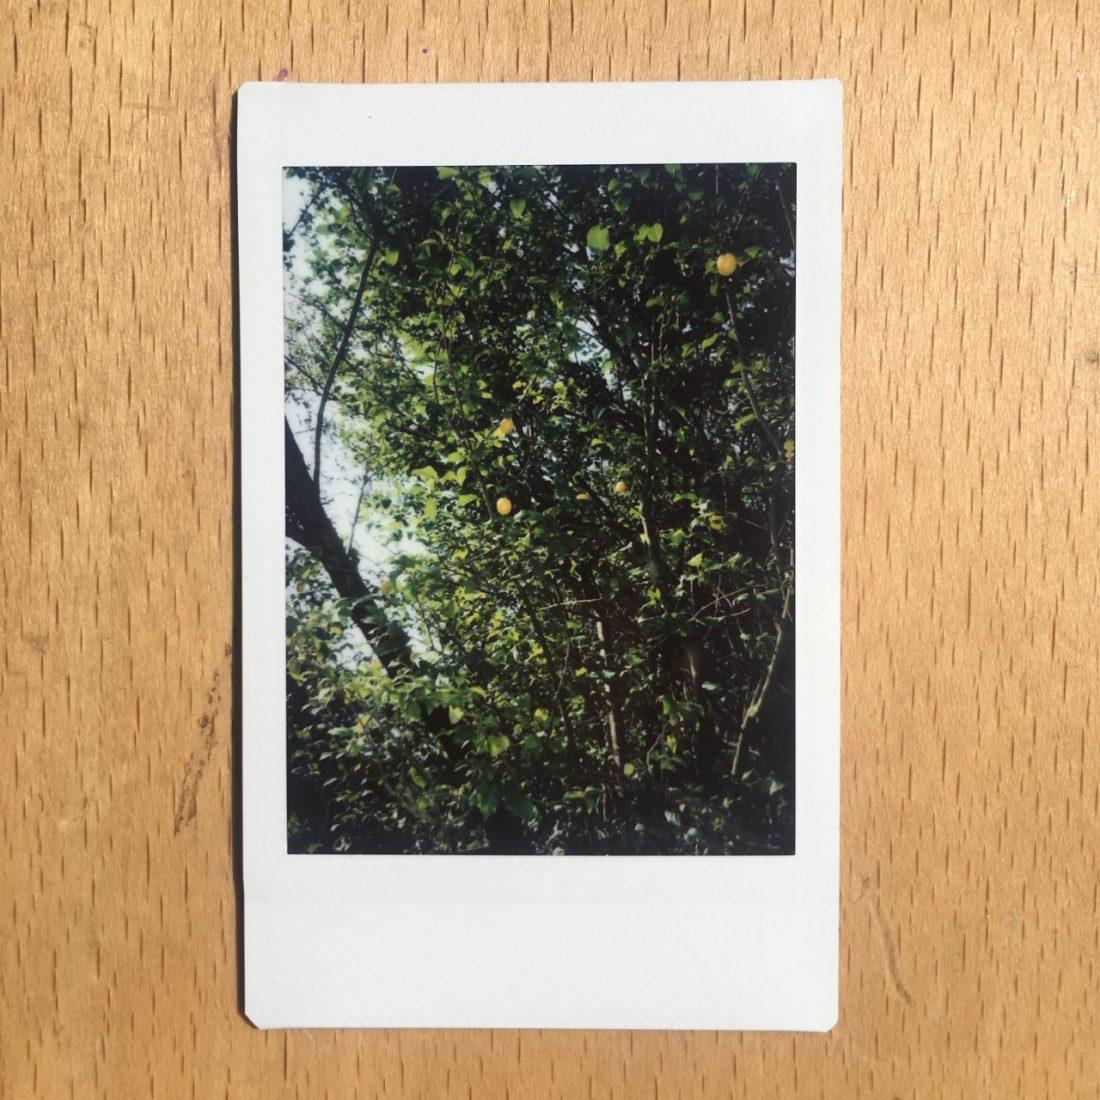 <p>AJ's yellow plum tree</p>